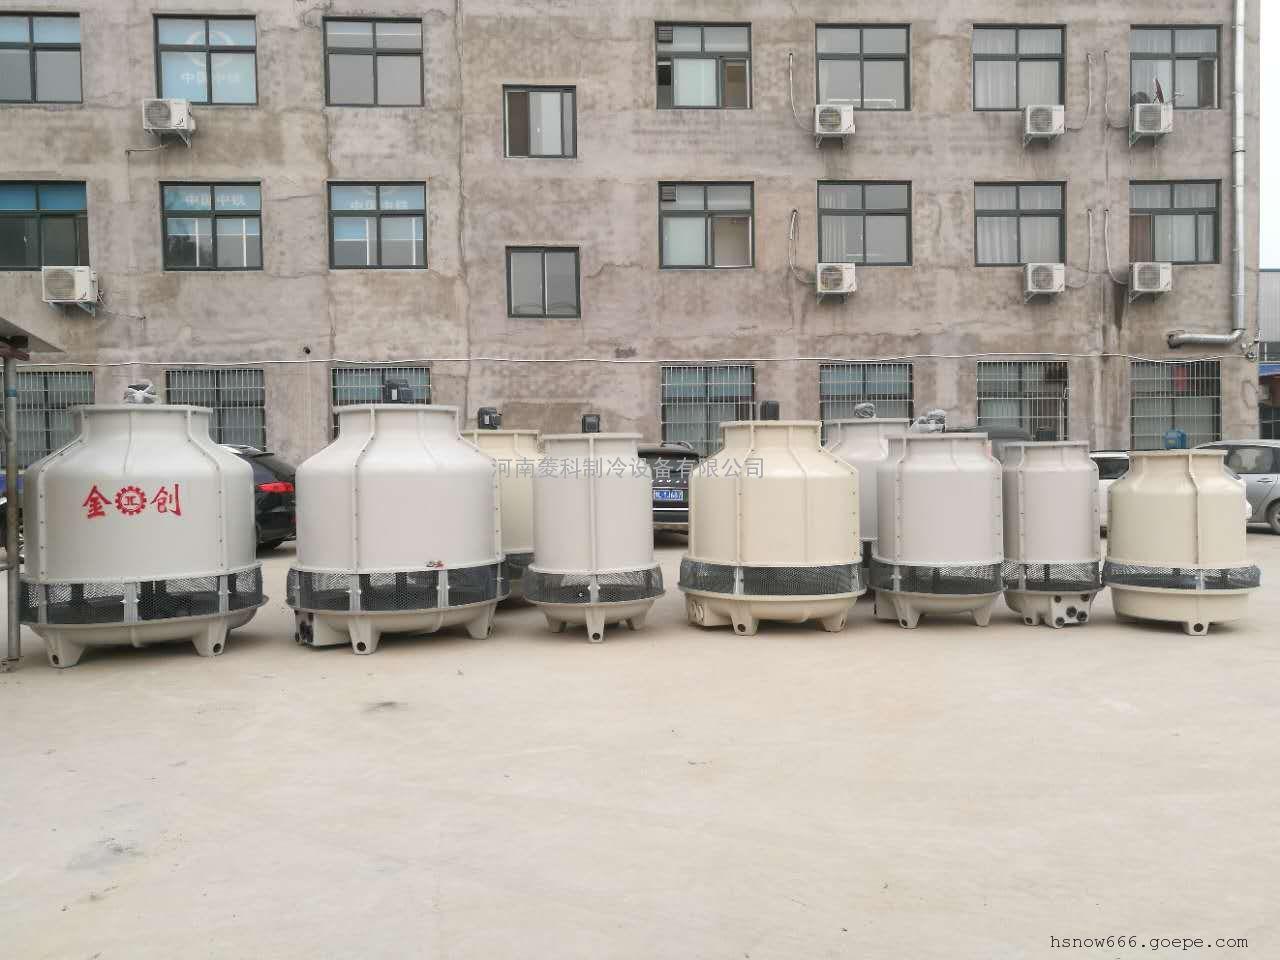 供应优质金创JCT系列玻璃钢逆流式冷却塔厂家直销